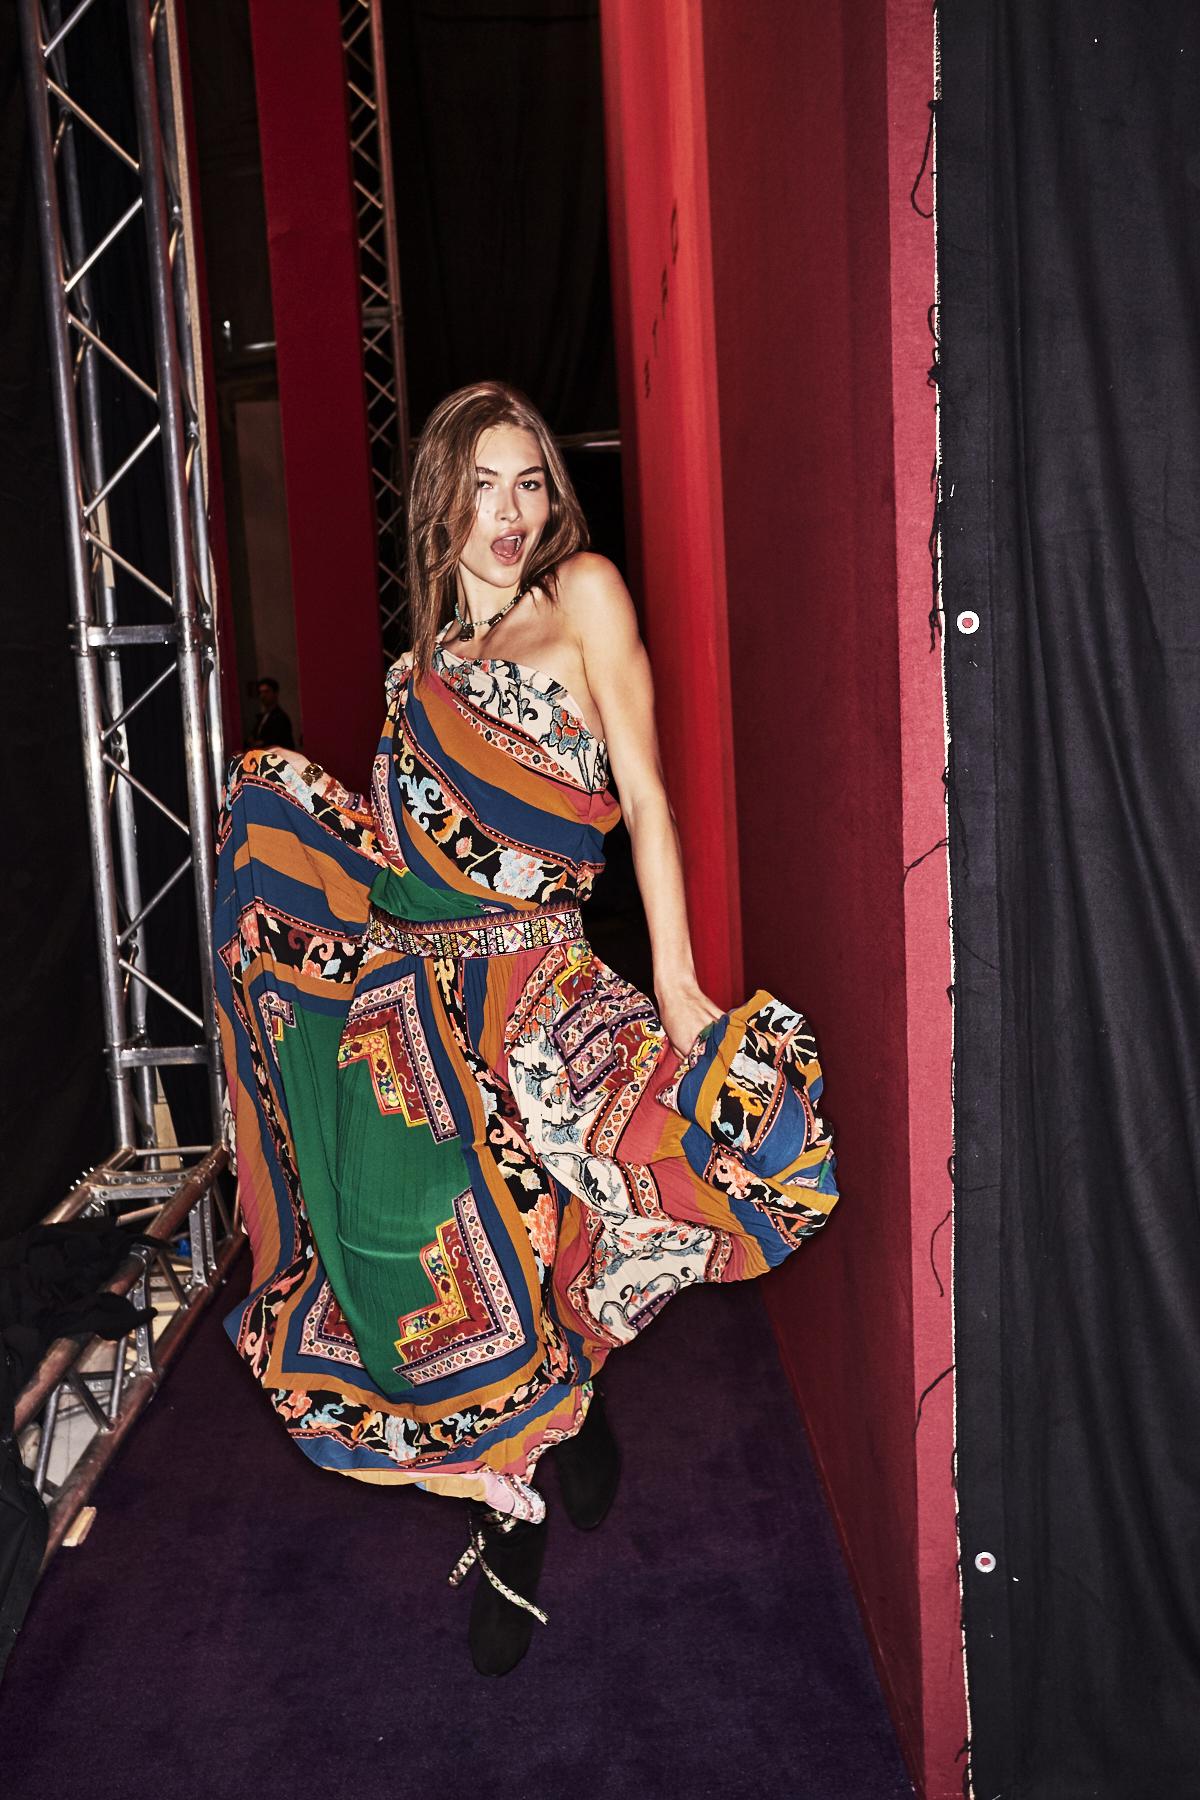 Auf dem Foto ist ein Model im Backstagebereich der H/W Modenschau von Etro zu sehen. Sie trägt ein buntes Seidenkleid mit einem Scarfprint Muster. Das Foto stammt von Sonny Vandevelde.